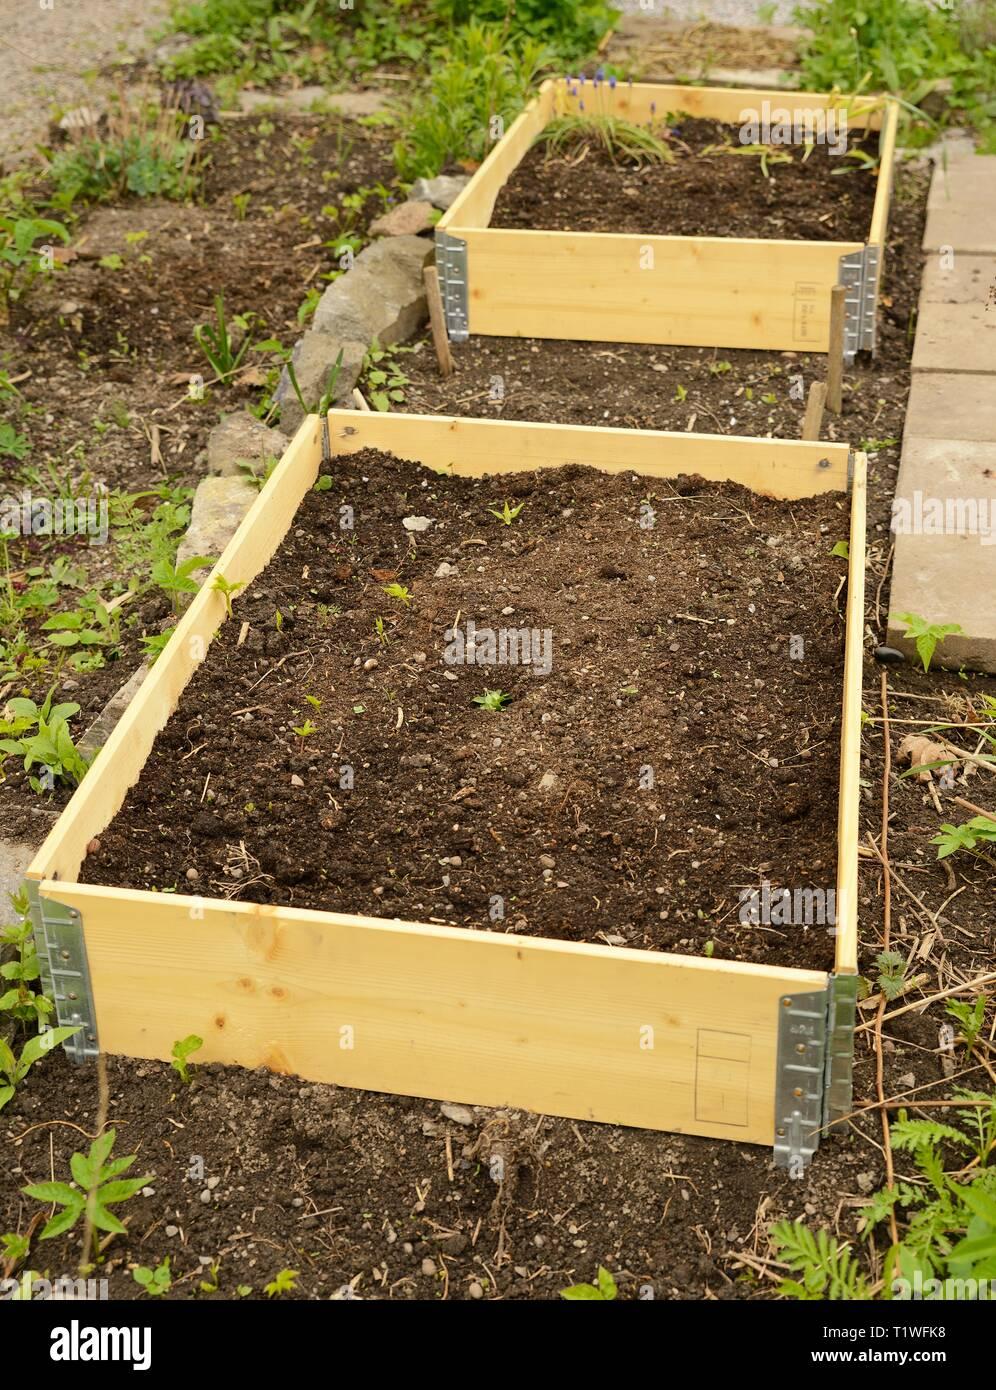 Paletten Im Garten Stockfoto Bild 242120908 Alamy